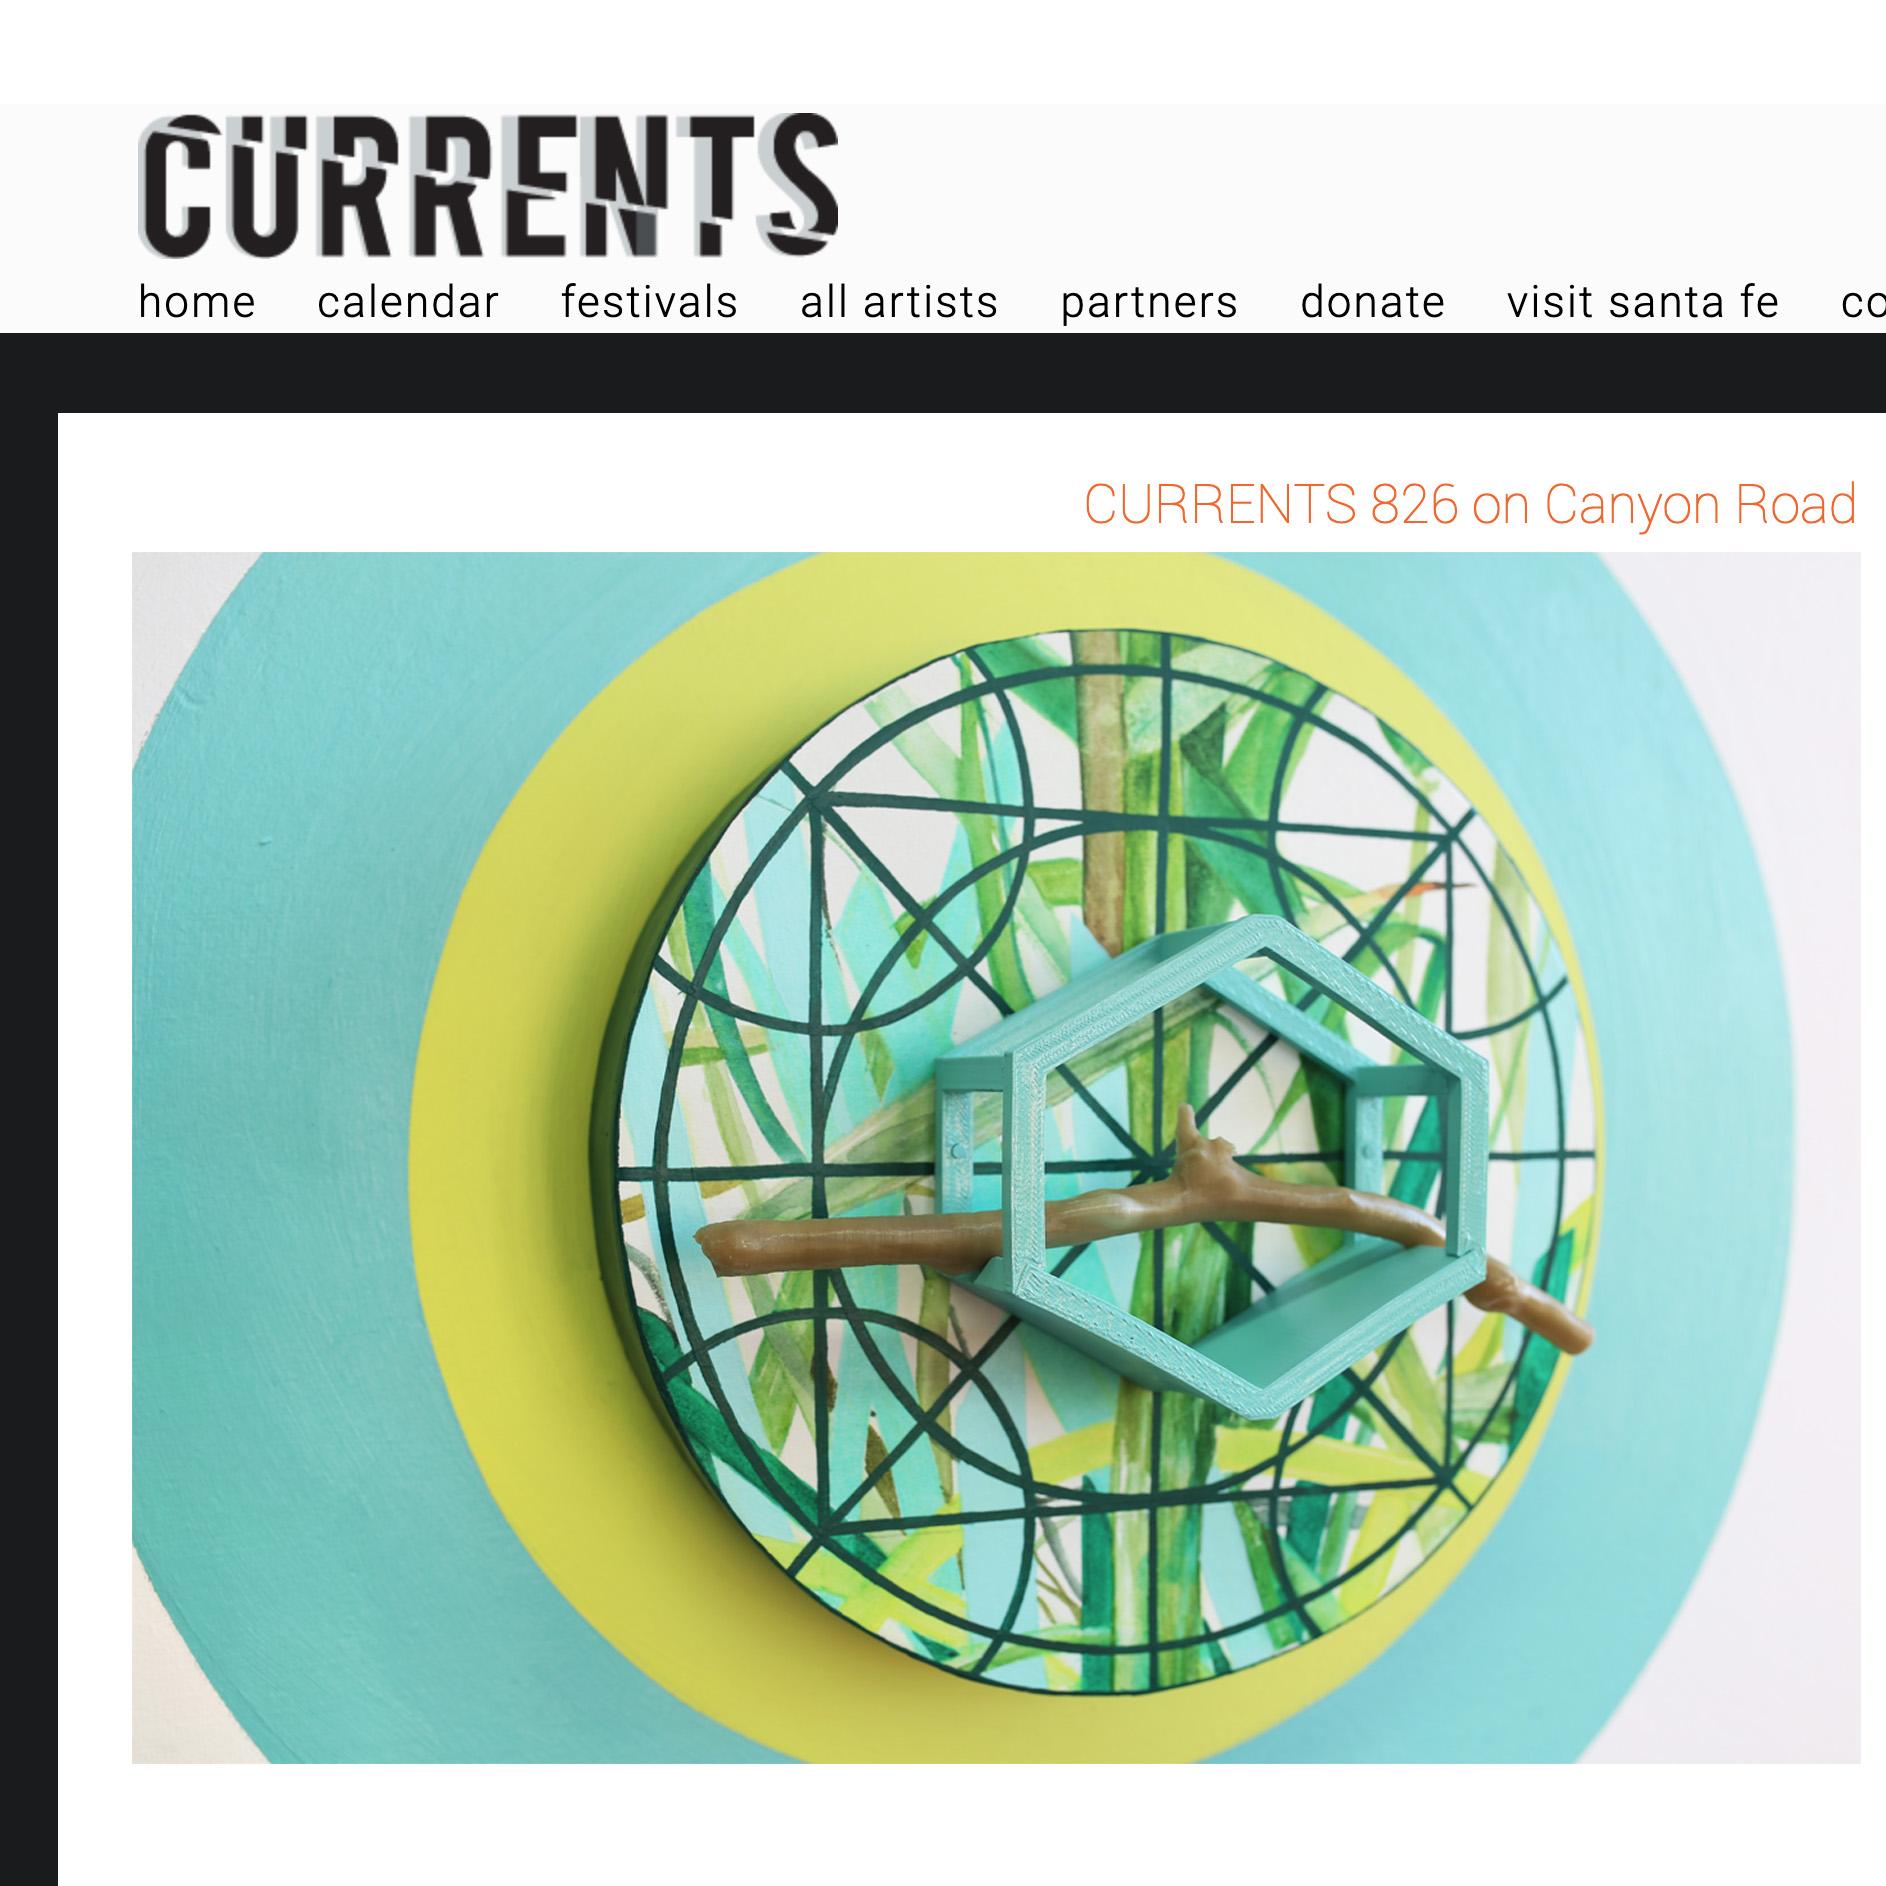 2019: Currents 826